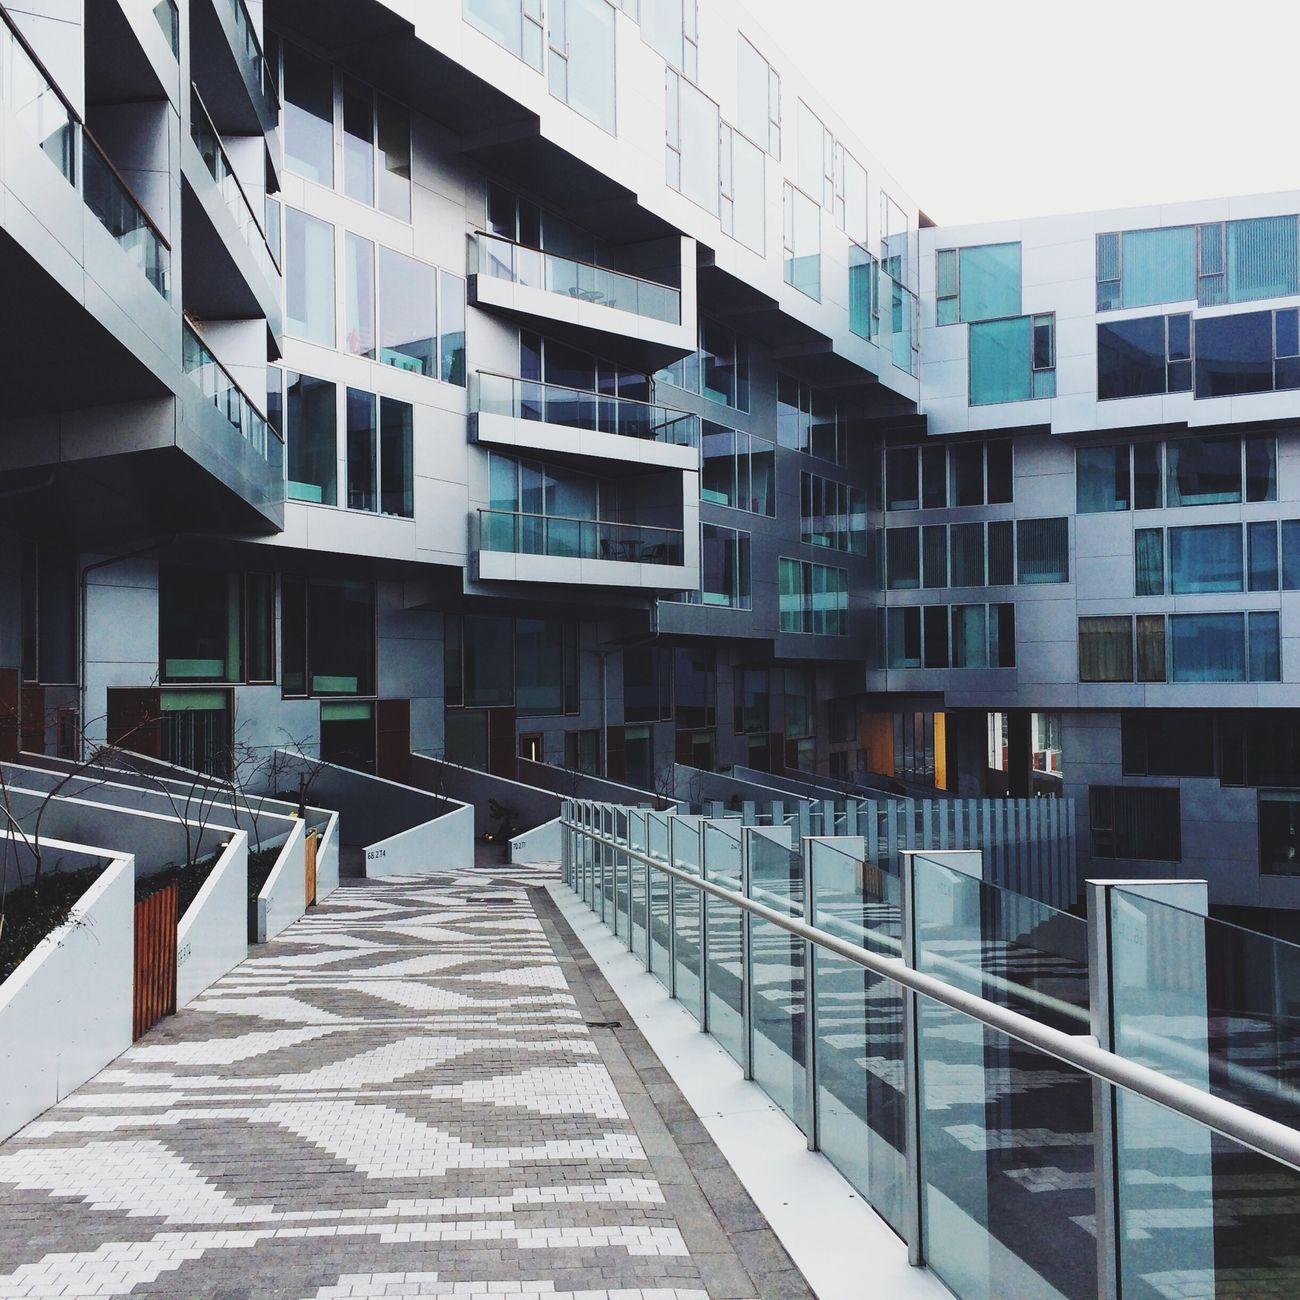 Architecture AMPt_community Copenhagen EyeEmbestshots